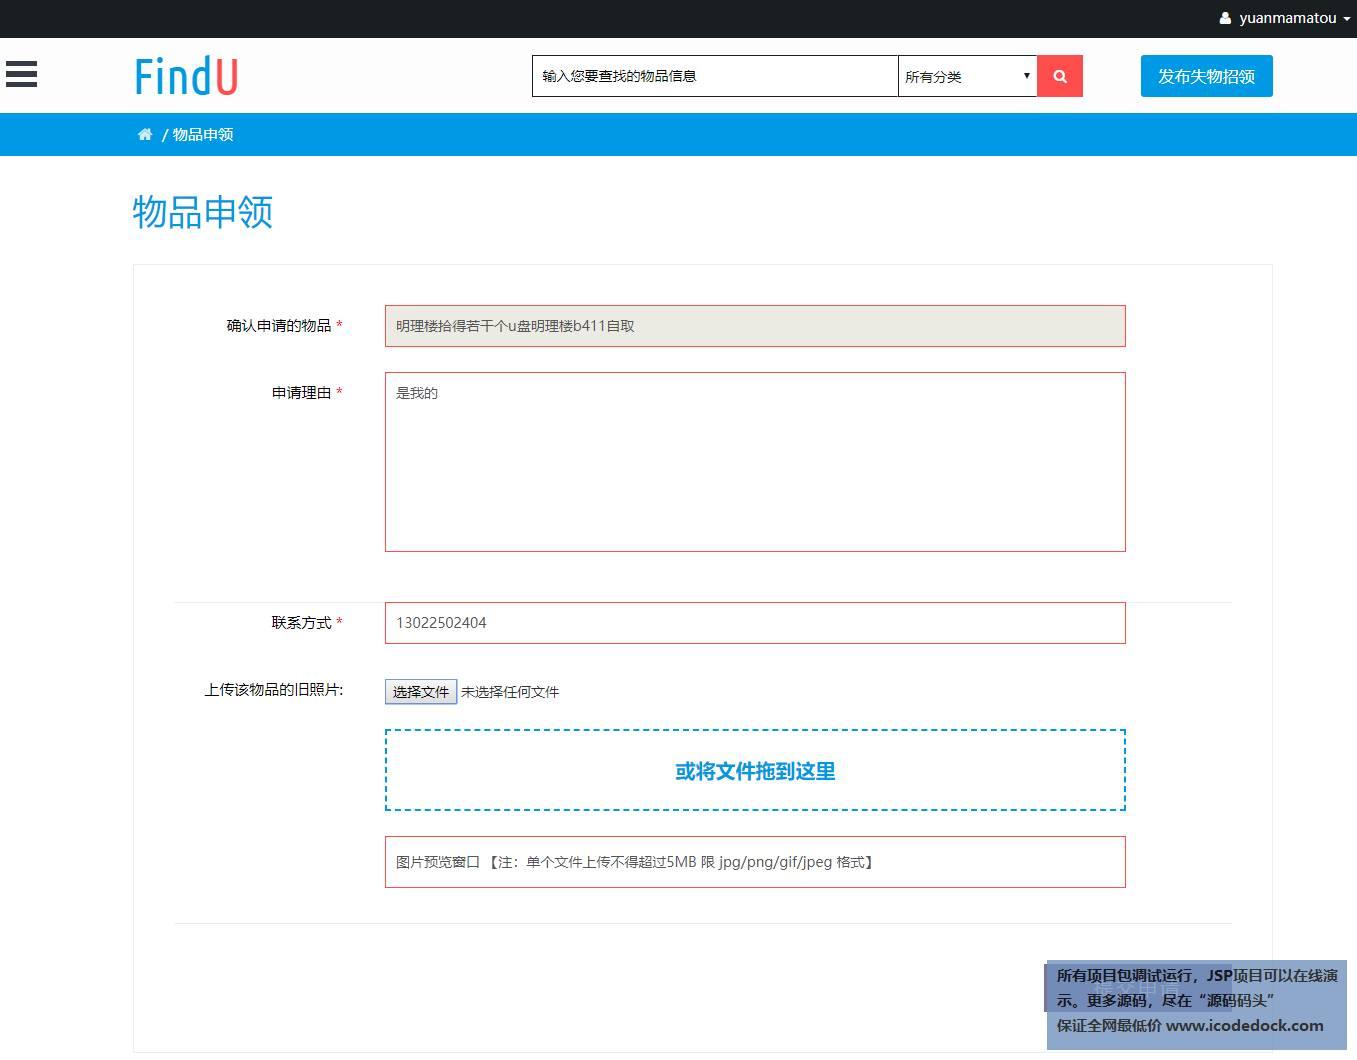 源码码头-JSP失物招领管理系统-用户角色-申领这个物品